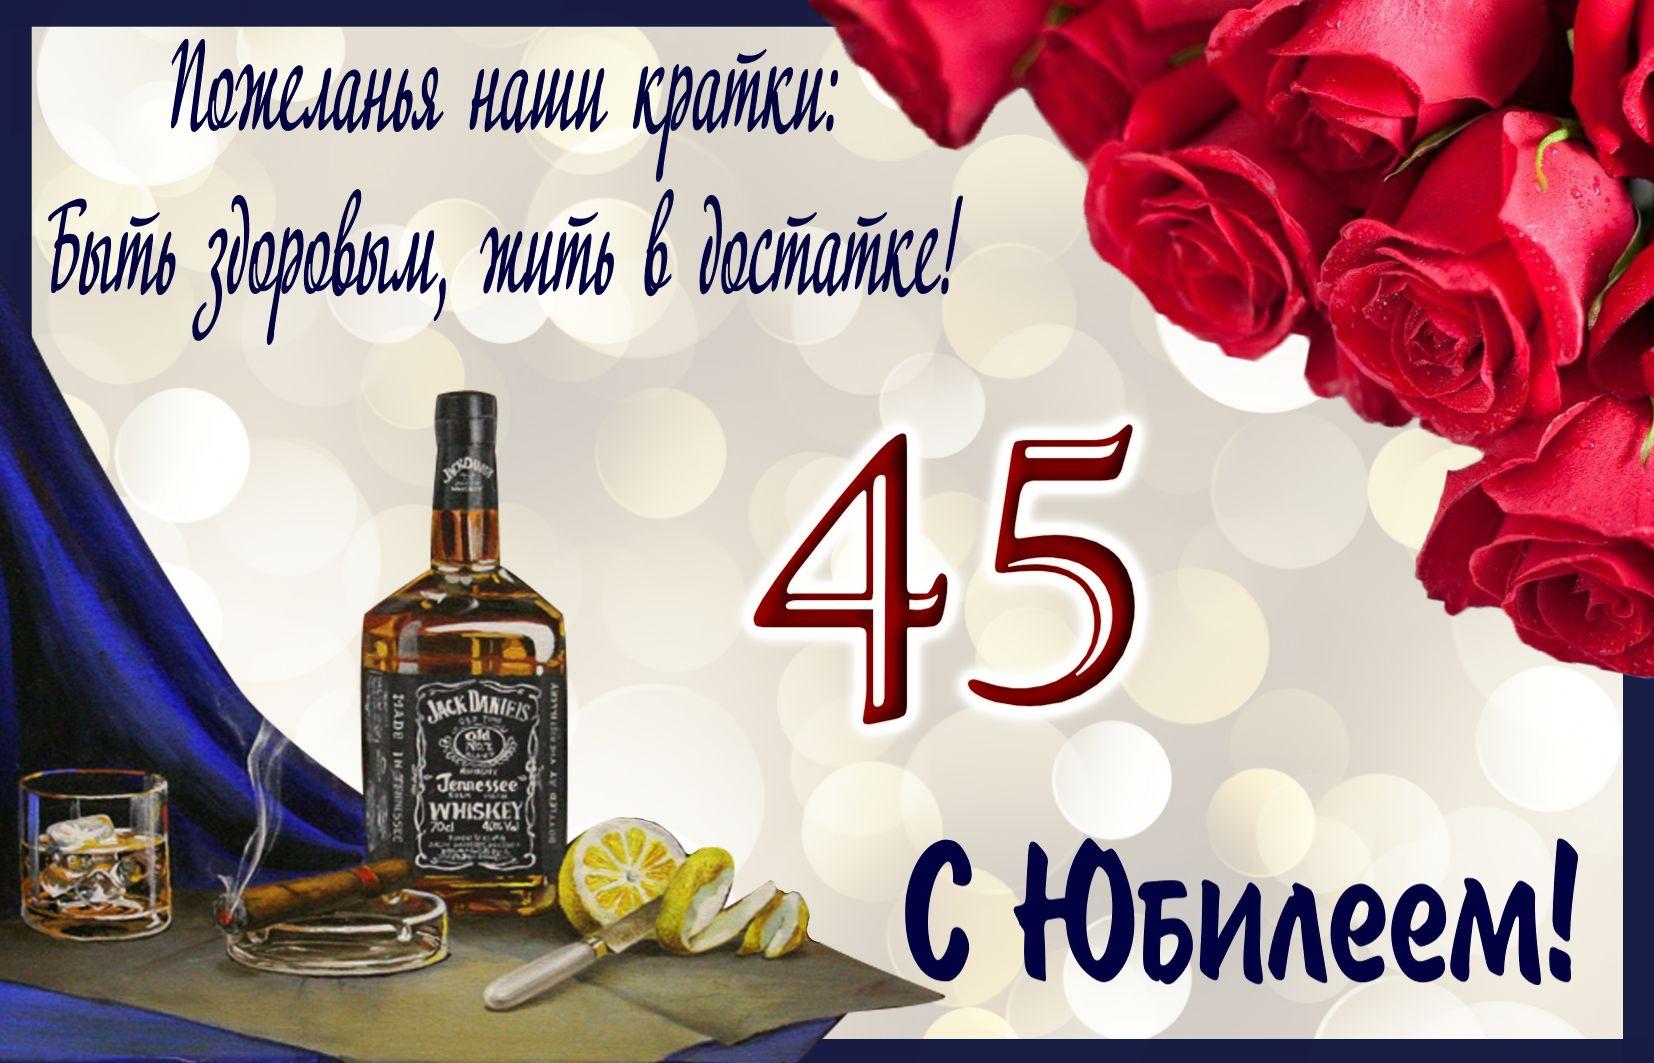 Короткое поздравление с днем рождения мужчине в 45